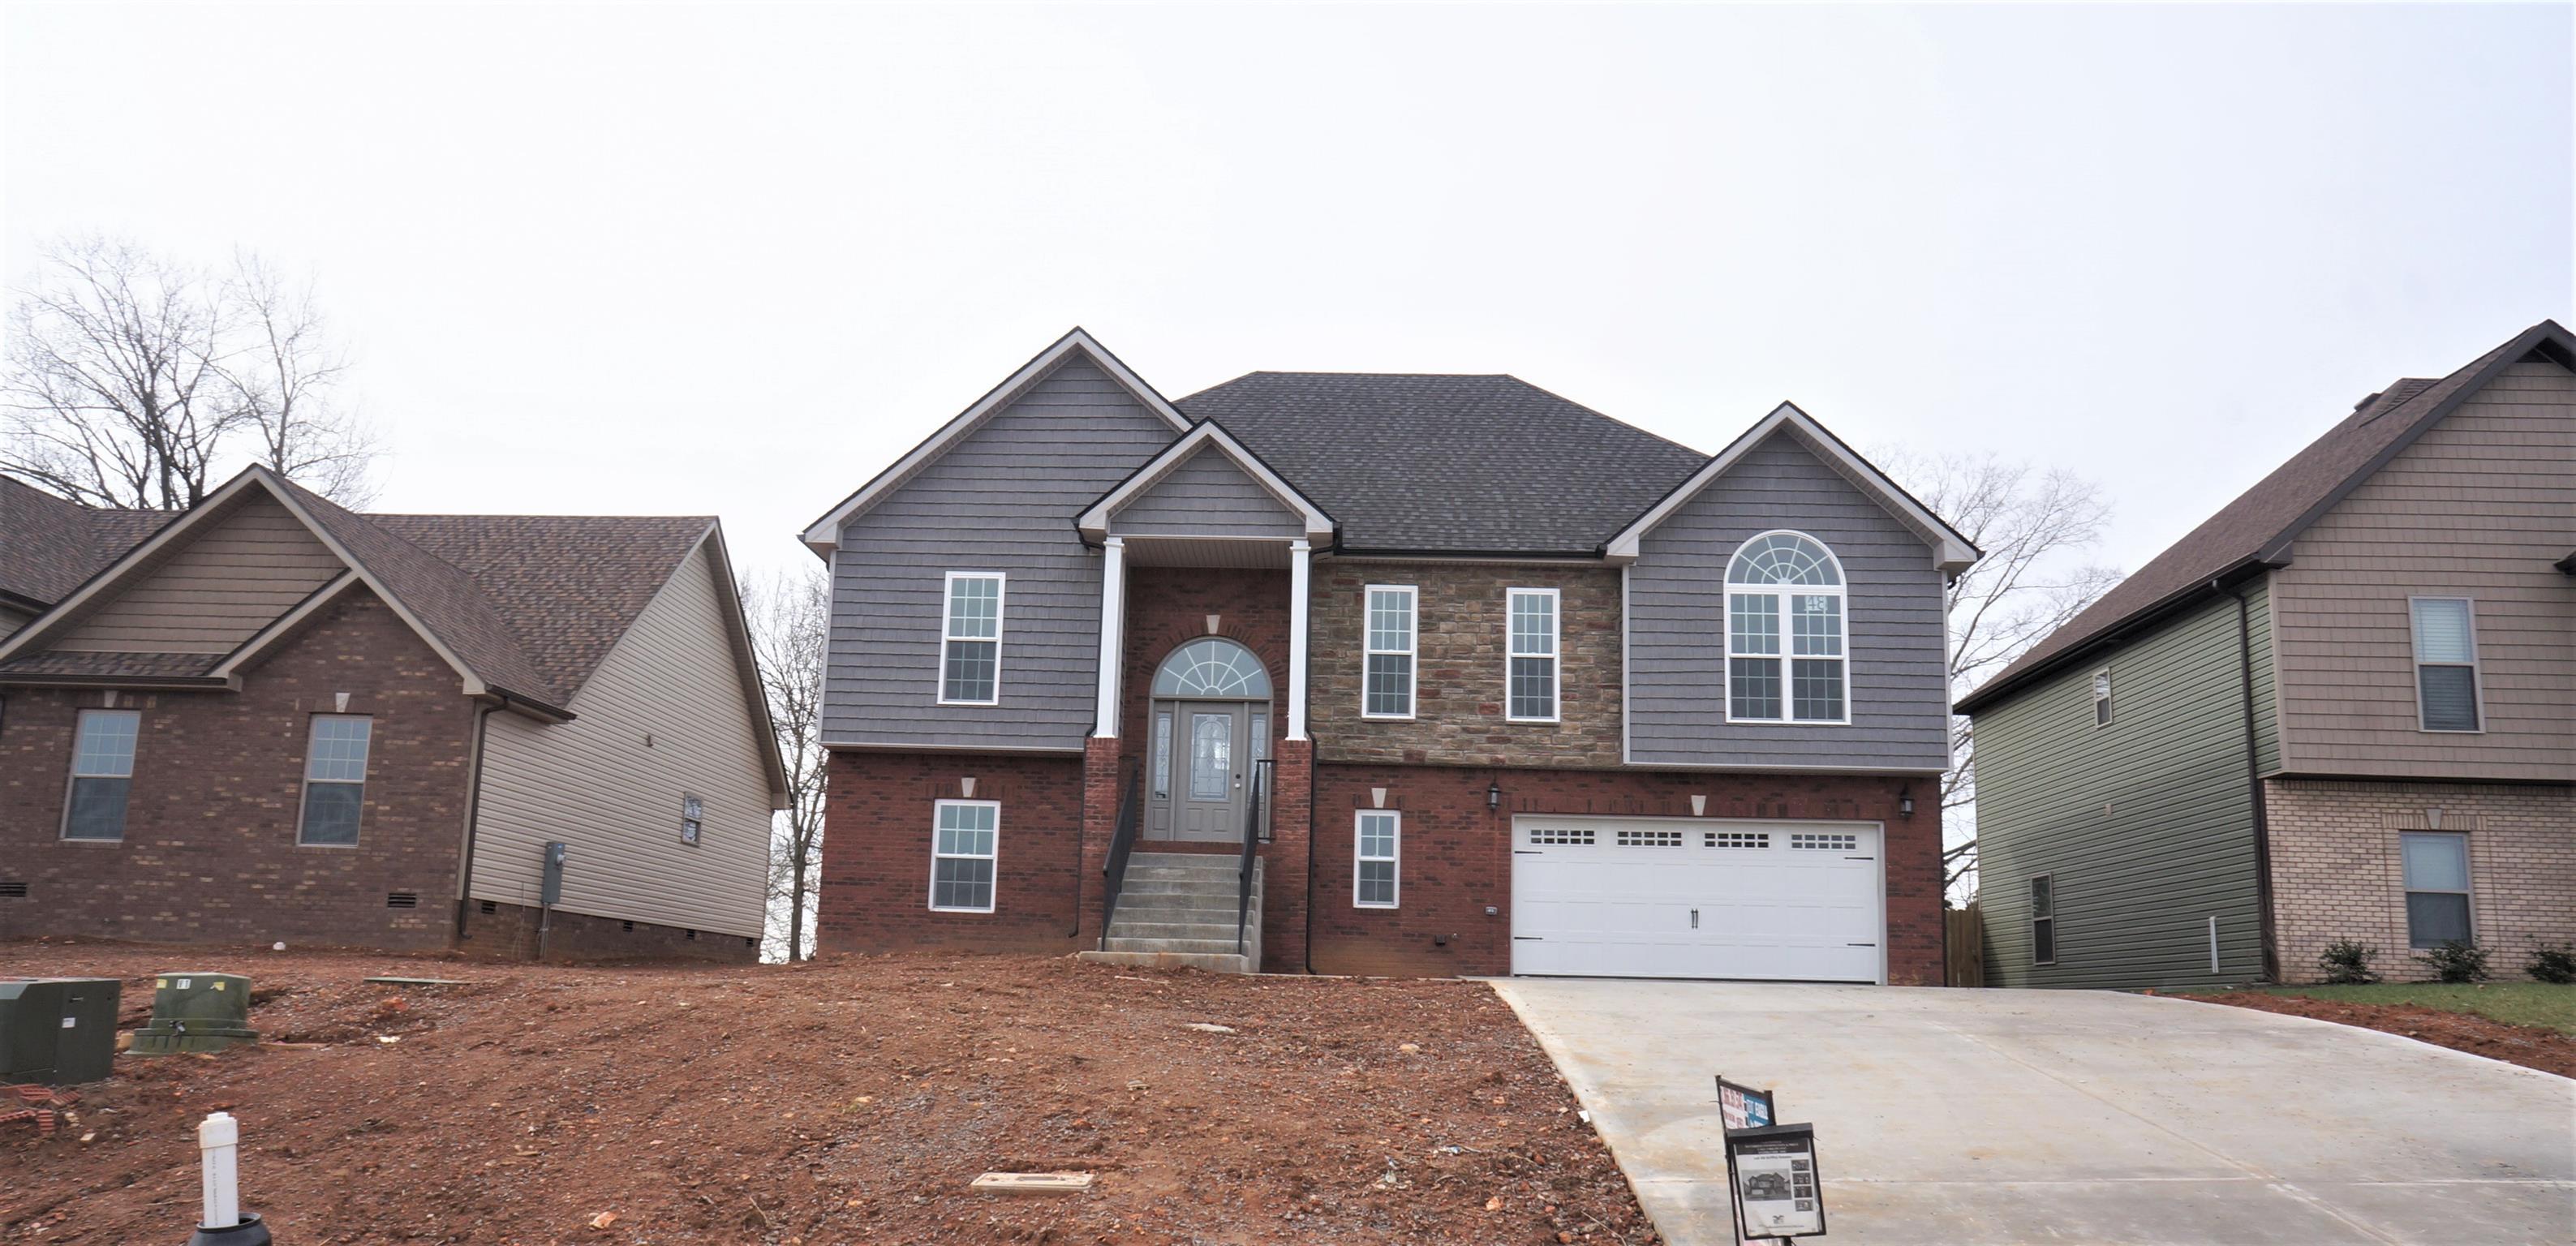 48 Griffey Estates, Clarksville, Tennessee